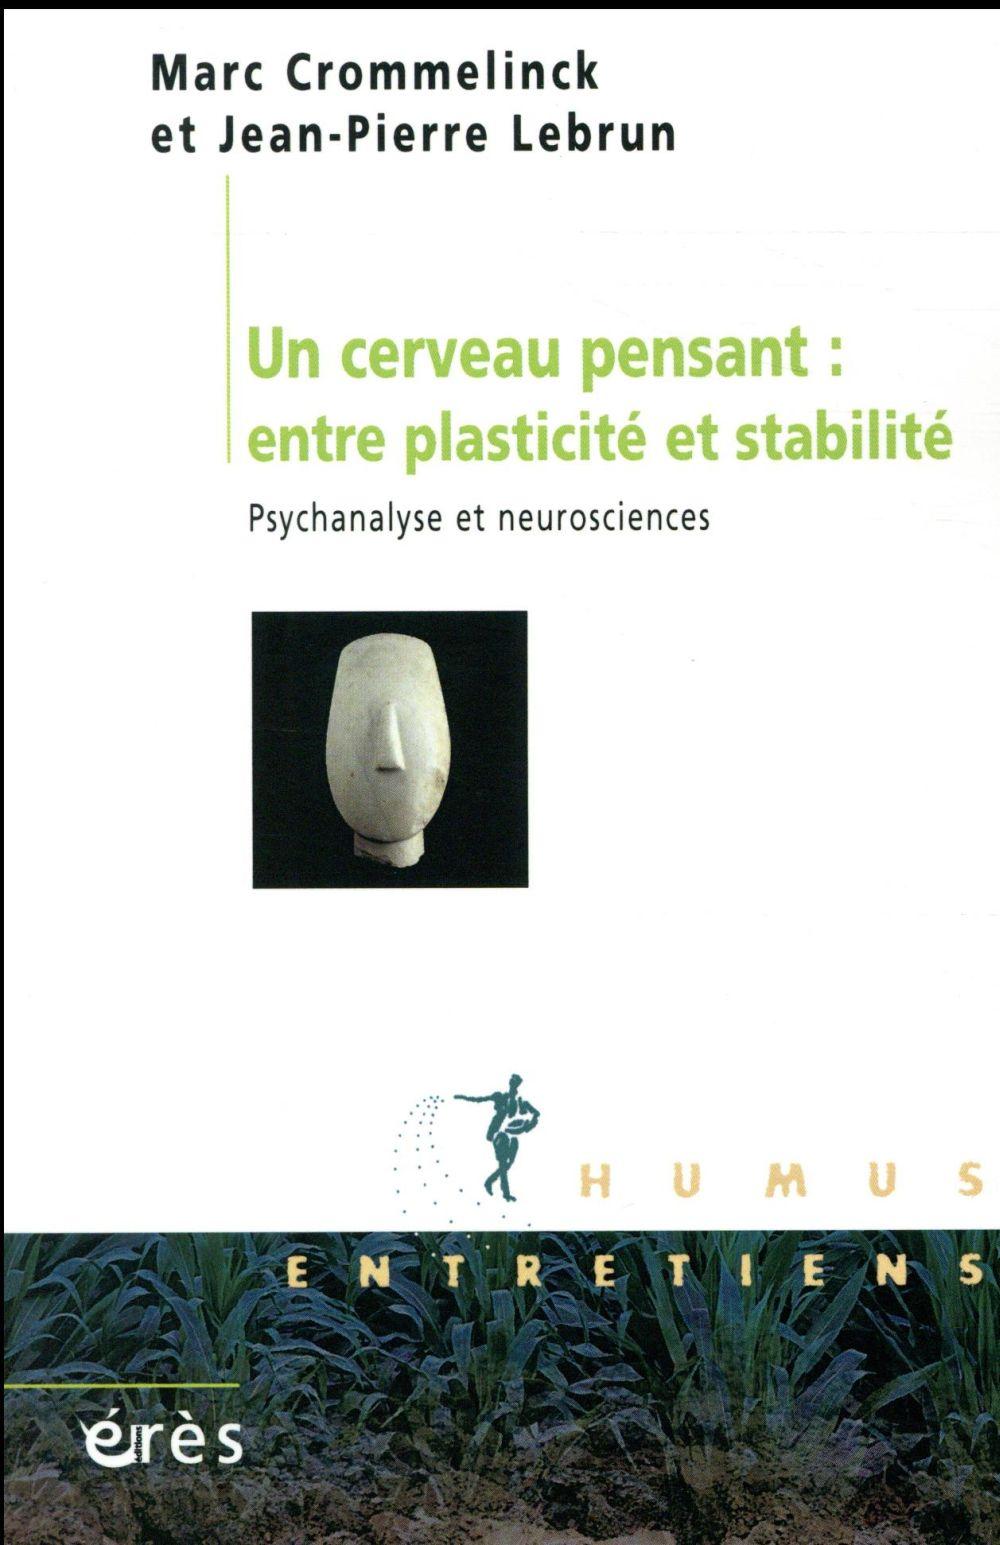 UN CERVEAU PENSANT : ENTRE PLASTICITE ET STABILITE  -  PSYCHANALYSE ET NEUROSCIENCES Lebrun Jean-Pierre